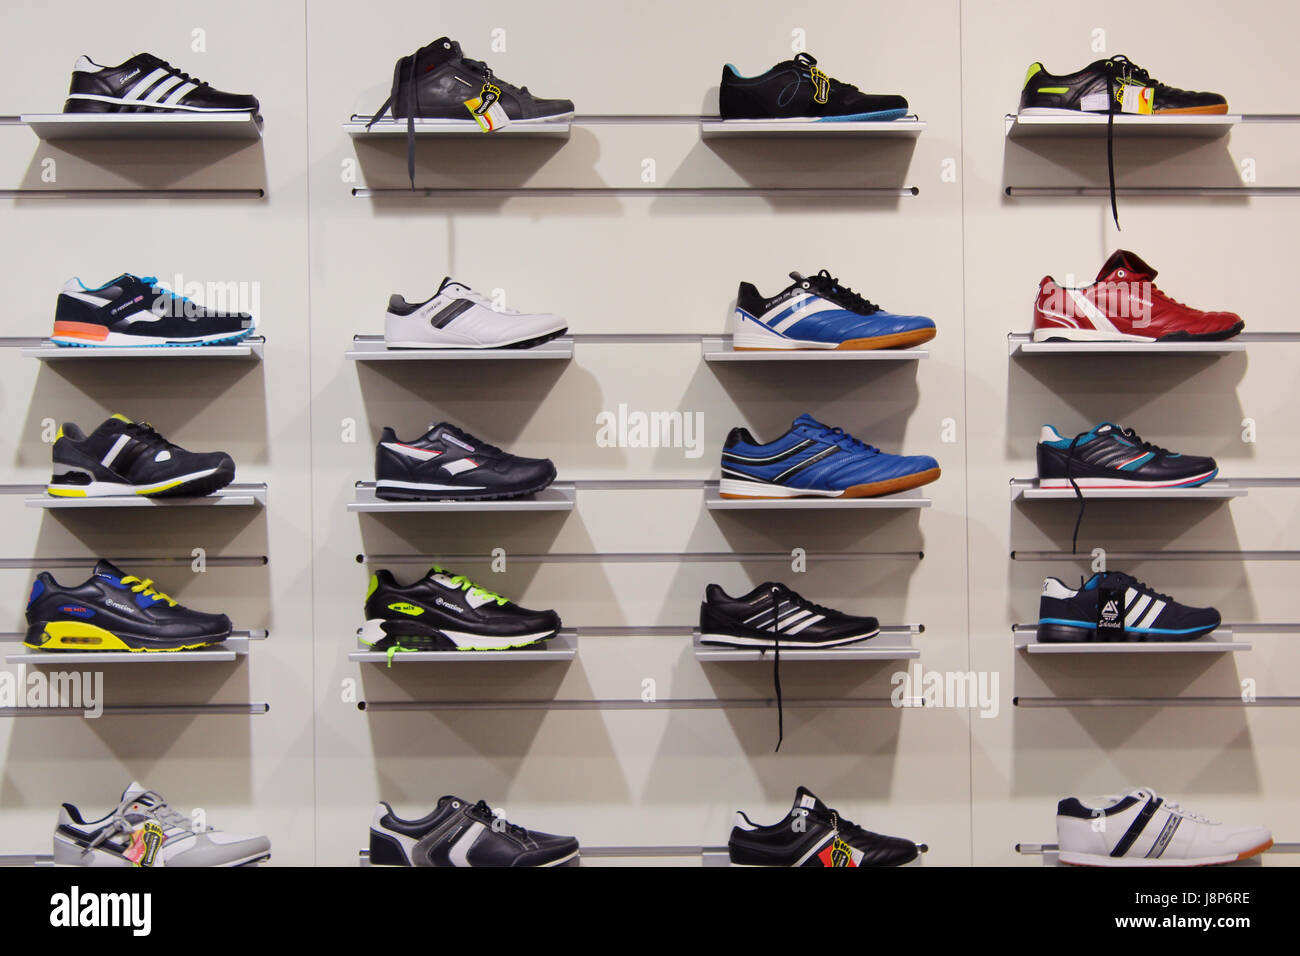 Zapatillas en las estanterías de la tienda. Gran surtido de